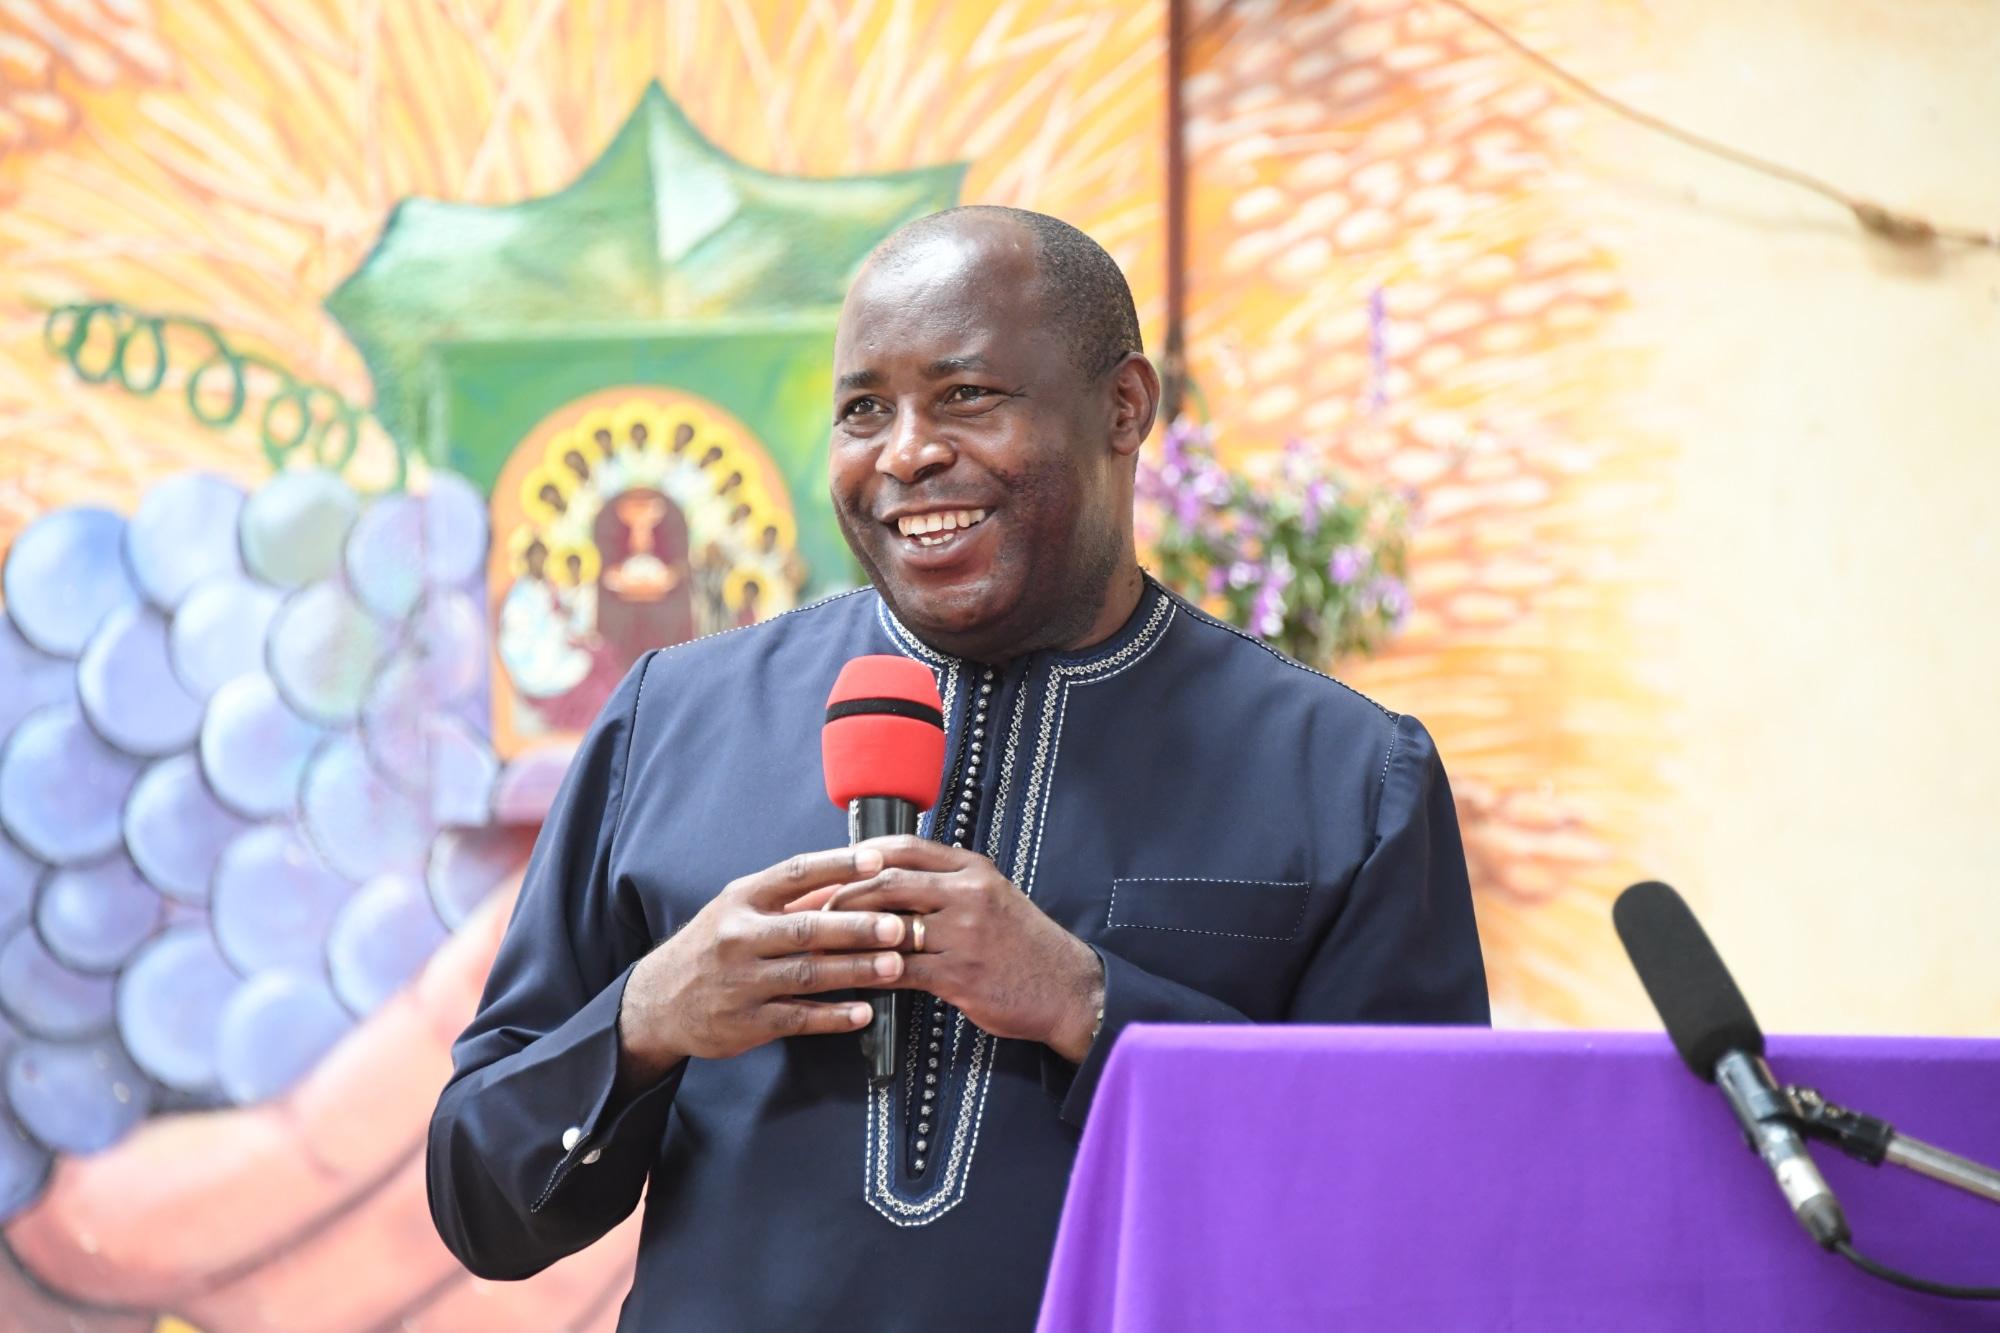 Le Chef de l'Etat exhorte les Burundais à se repentir et à restaurer leurs relations avec Dieu, dans cette période du carême